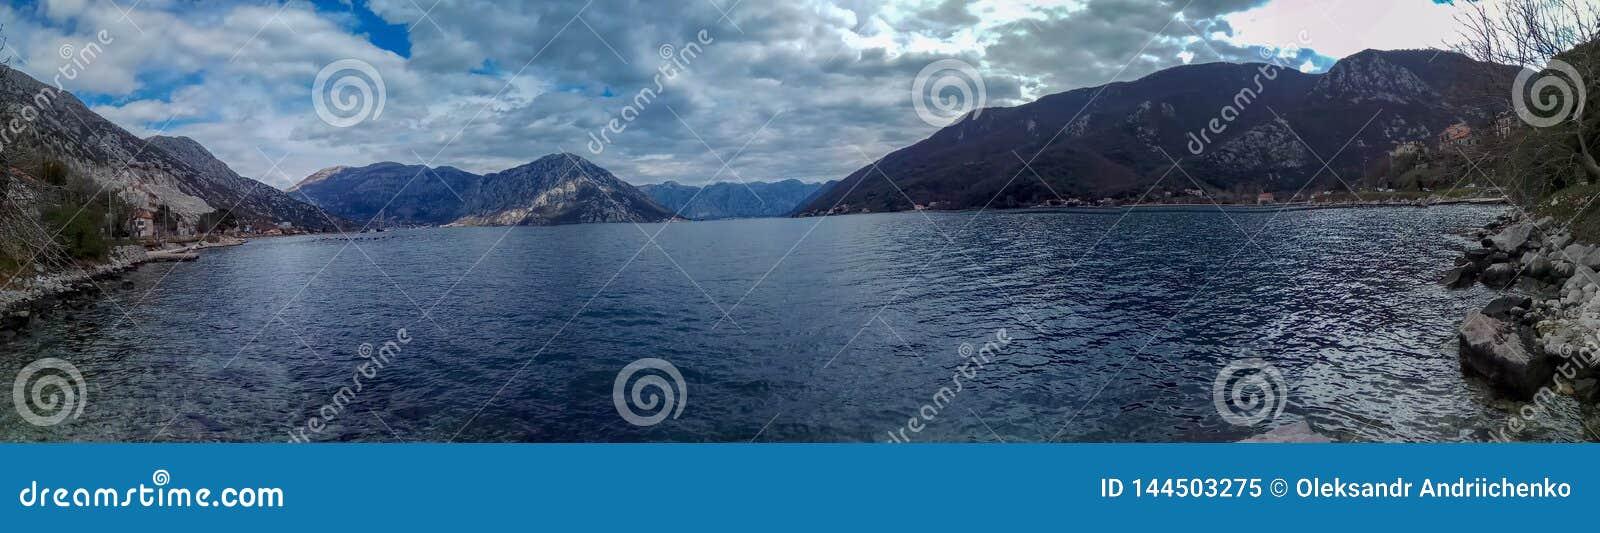 Landschap in verschillende schaduwen van blauw: bergen en hun bezinningen in het kalme water van het Adriatische Overzees